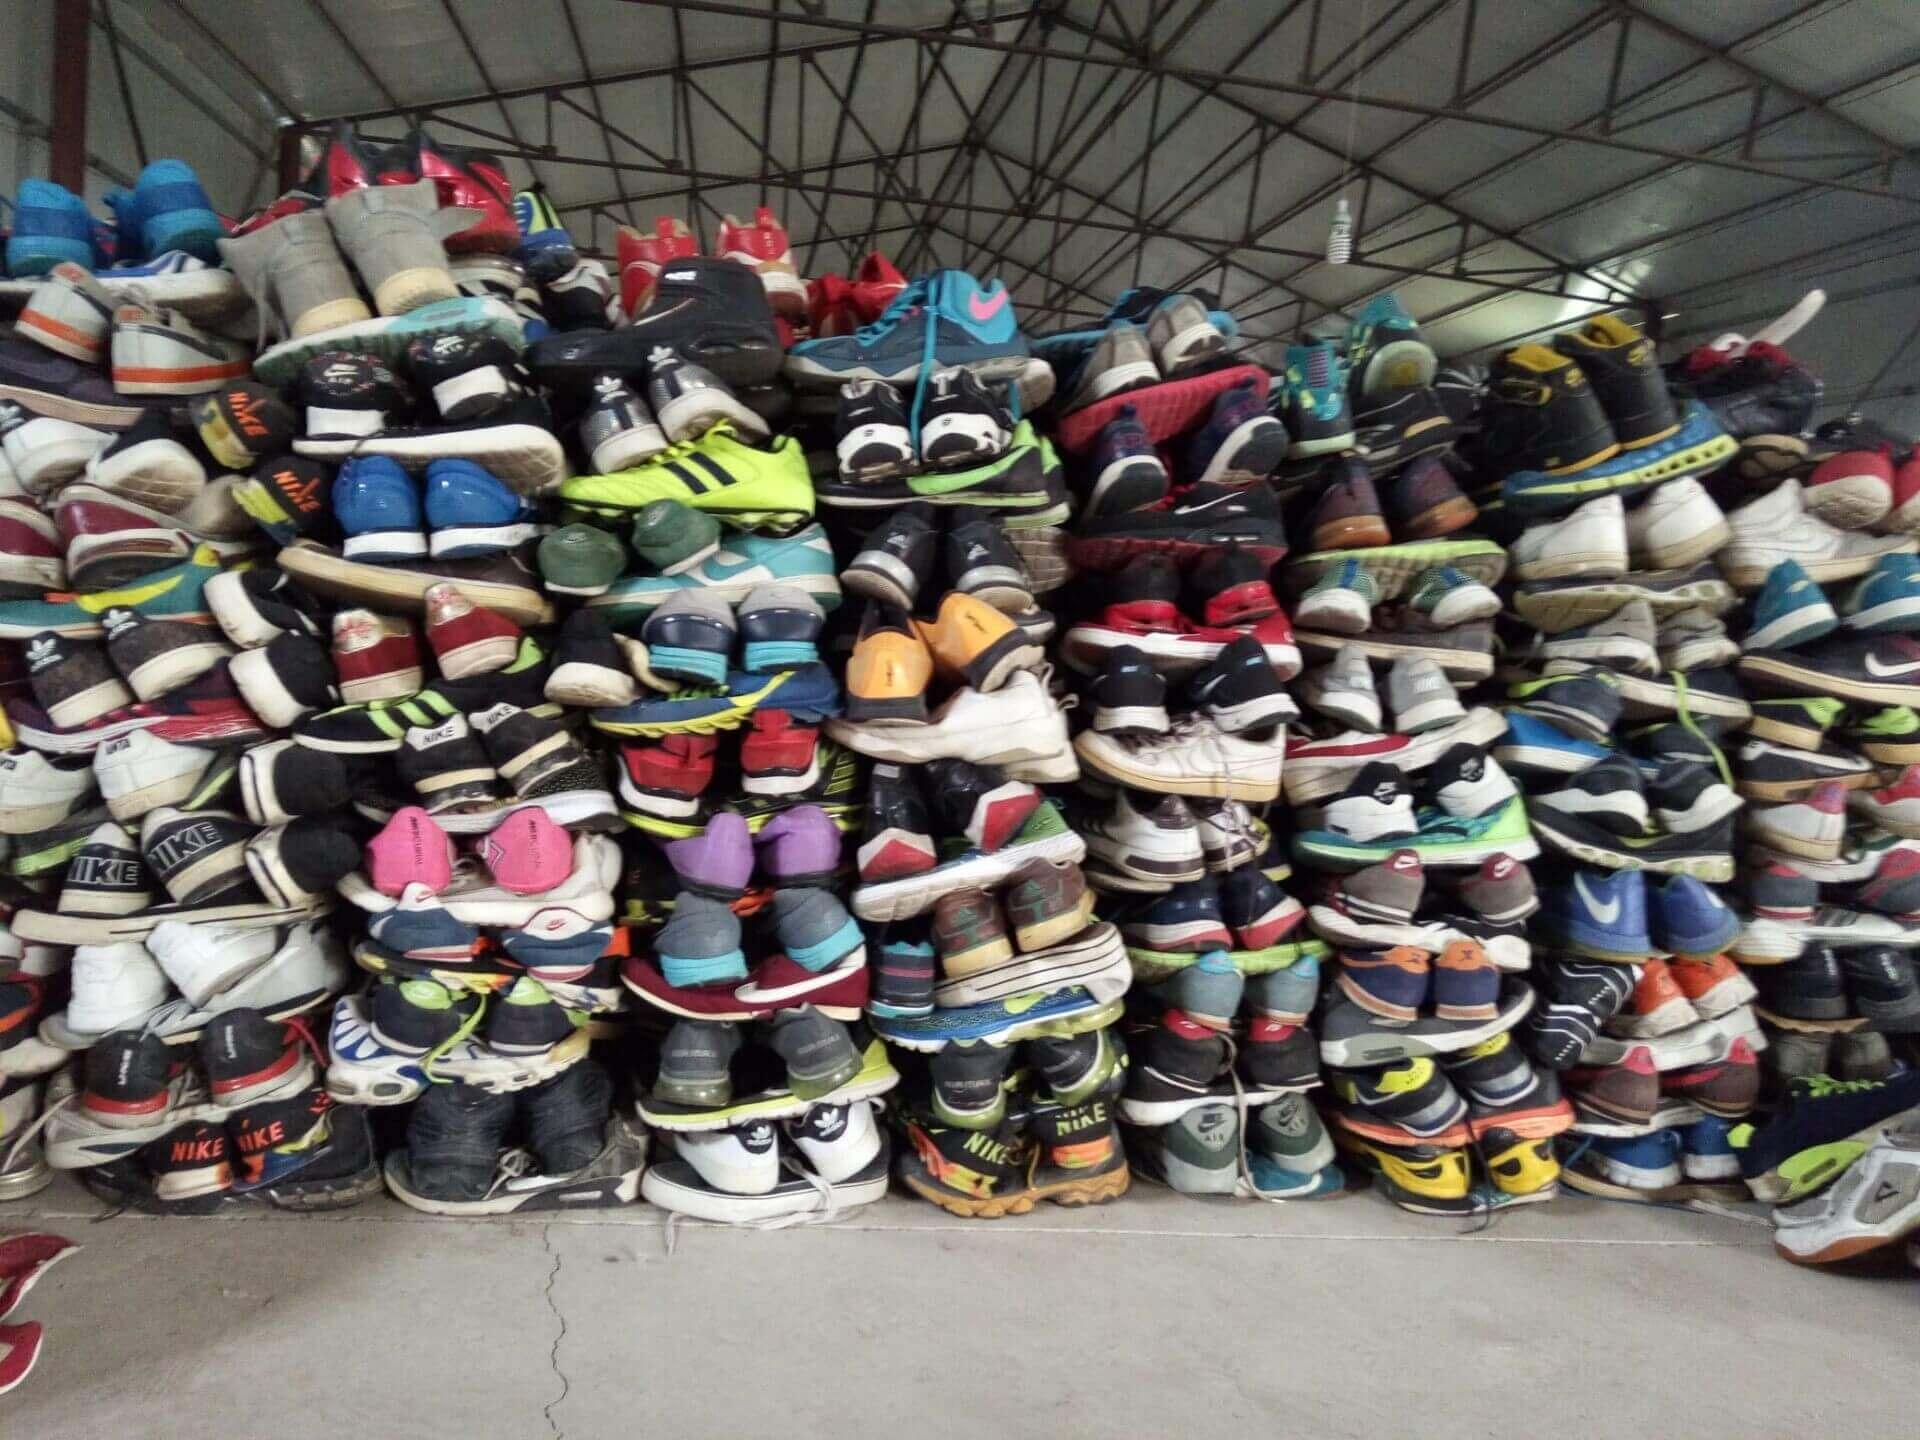 Trong số các mặt hàng kinh doanh phổ biến nhất hiện nay thì giày dép là mặt hàng được lựa chọn nhiều nhất, không thua kém gì quần áo vì đây là loại hàng tiêu dùng mà ai cũng cần sử dụng mỗi ngày